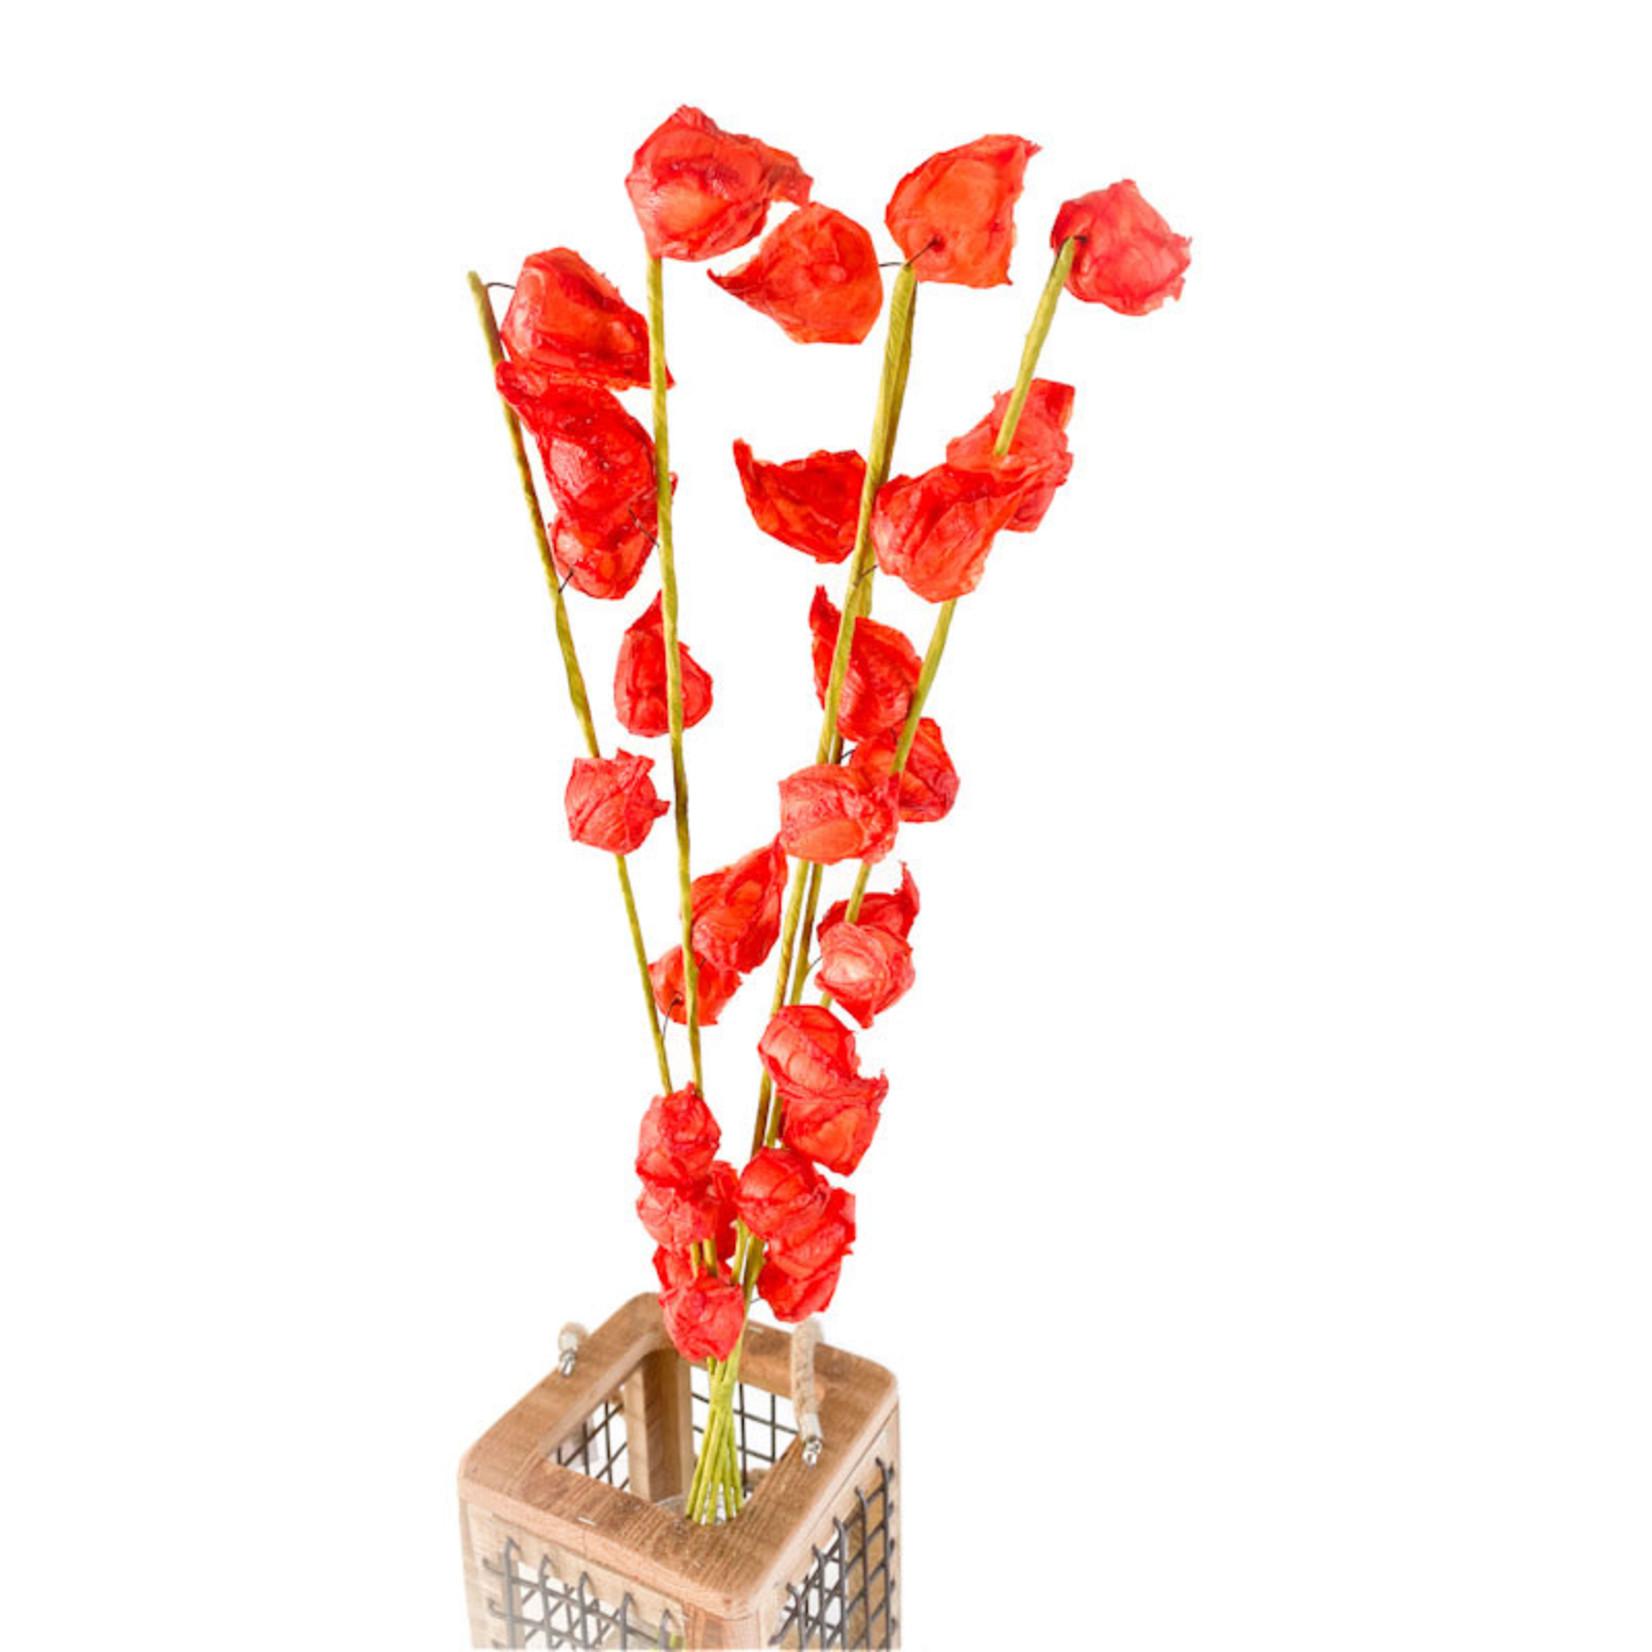 Chinese Lanterns - 5 stem - Orange